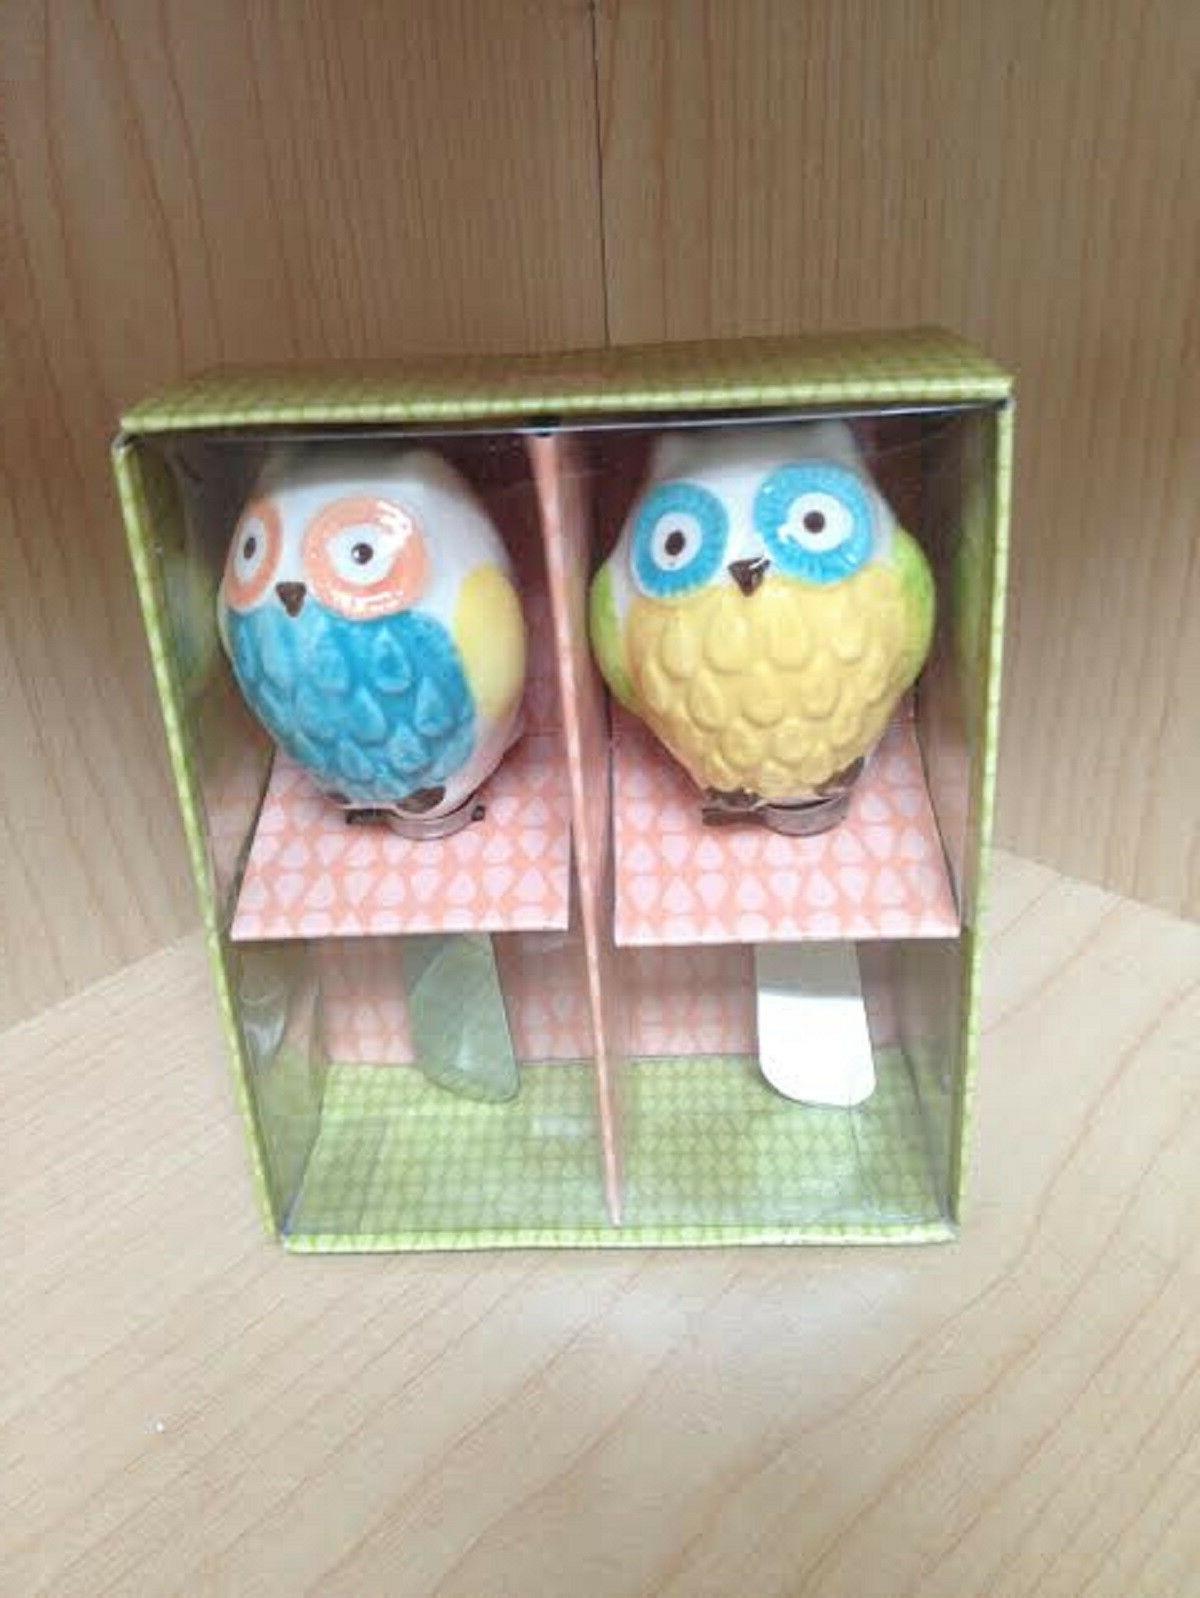 62448 Floral Owl Spreader Set/2  Kitchen Gadgets Appetizer U